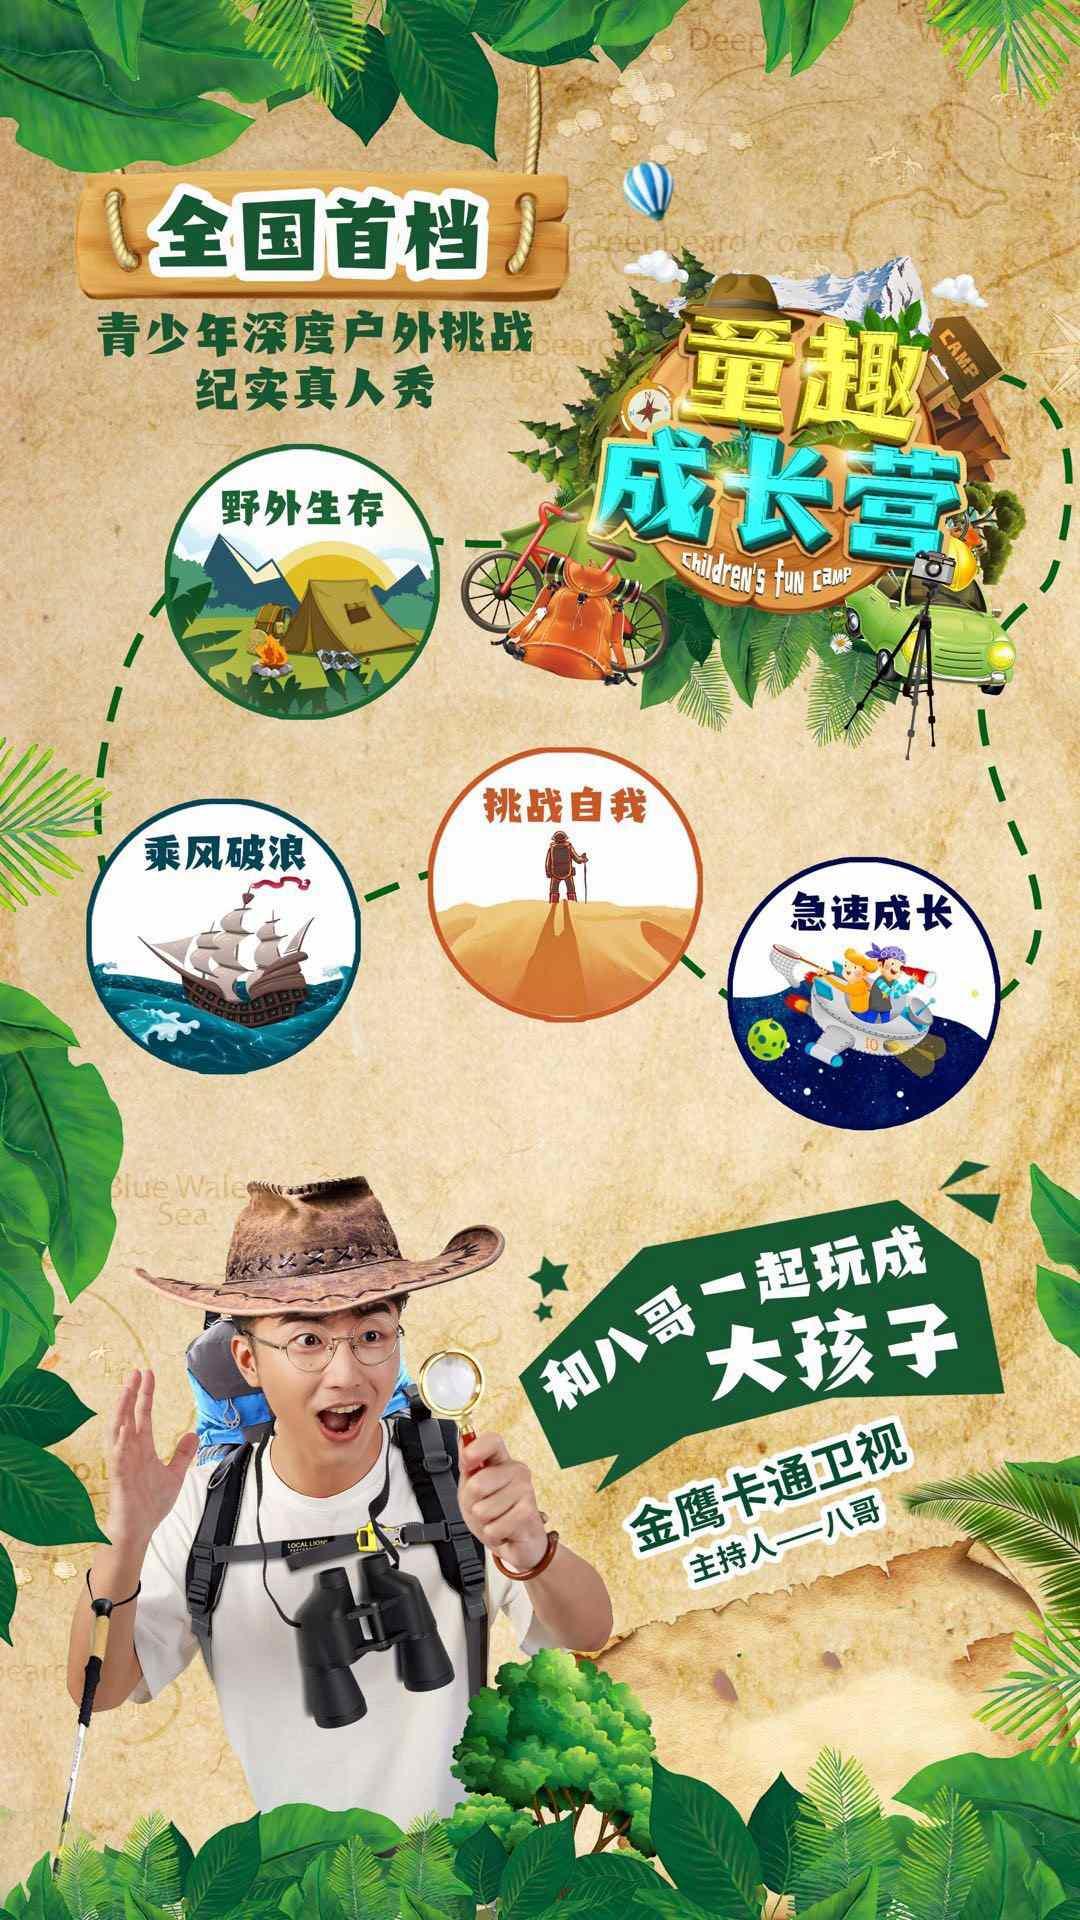 《【摩臣安卓版登录】湖南卫视团队打造全新节目《童趣成长营》正式启动》